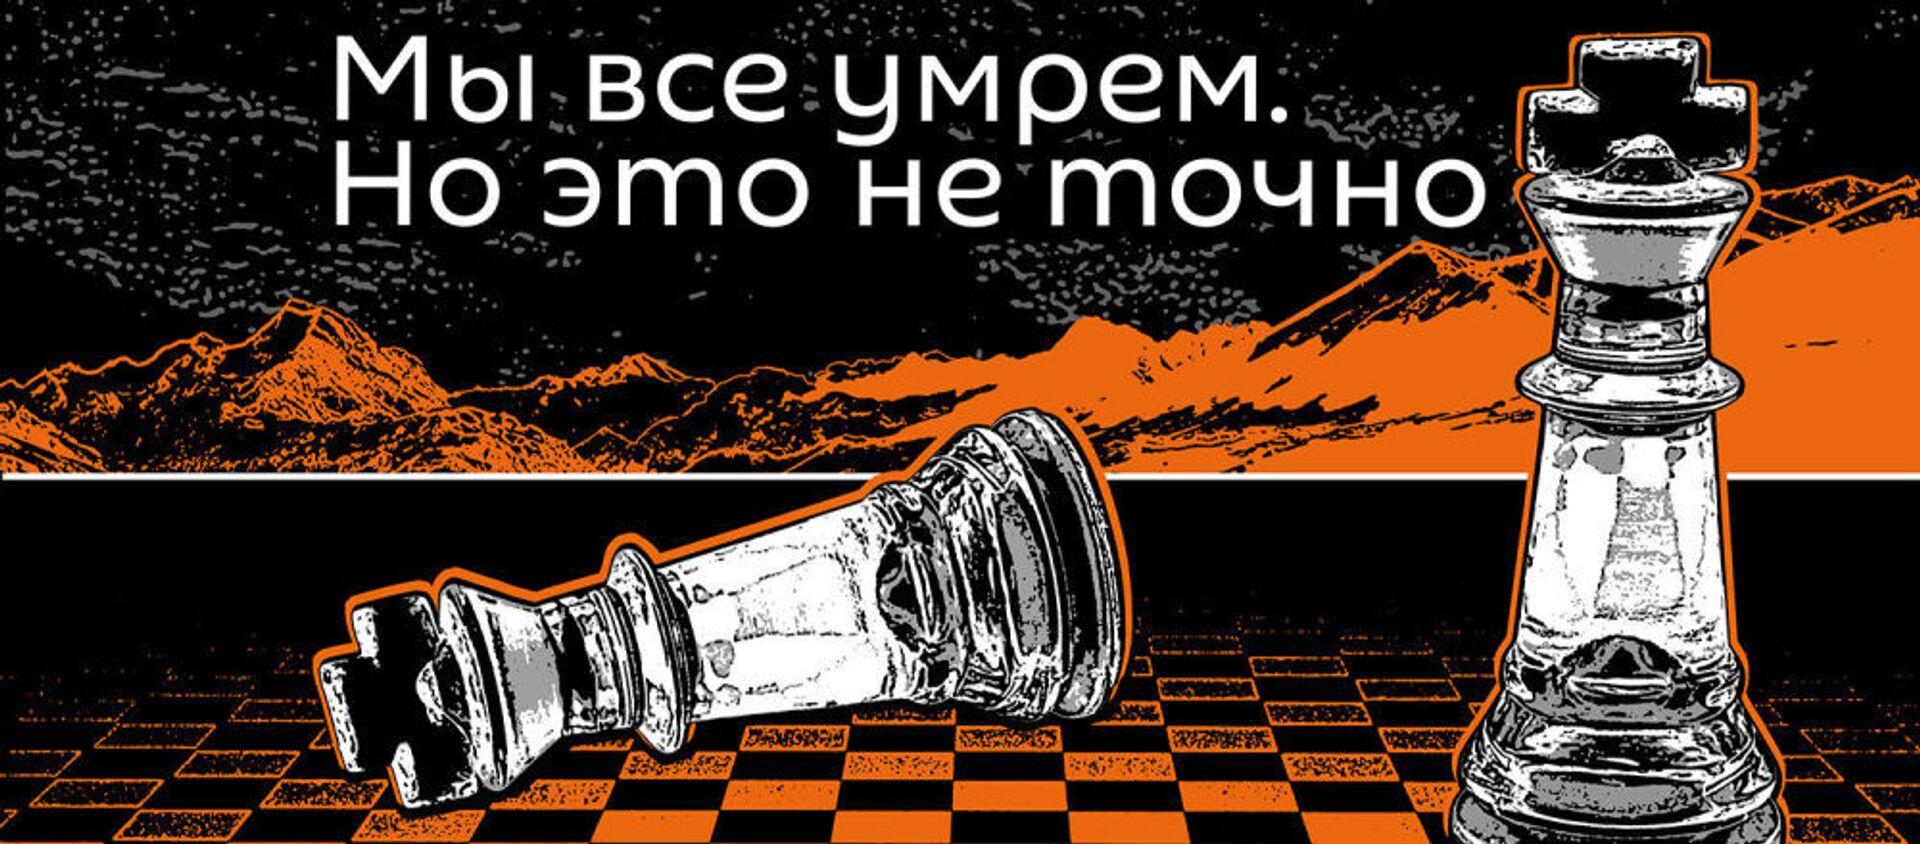 Мы все умрем. Пилотируемые полеты: как не заблудиться в космосе - Sputnik Армения, 1920, 25.04.2021